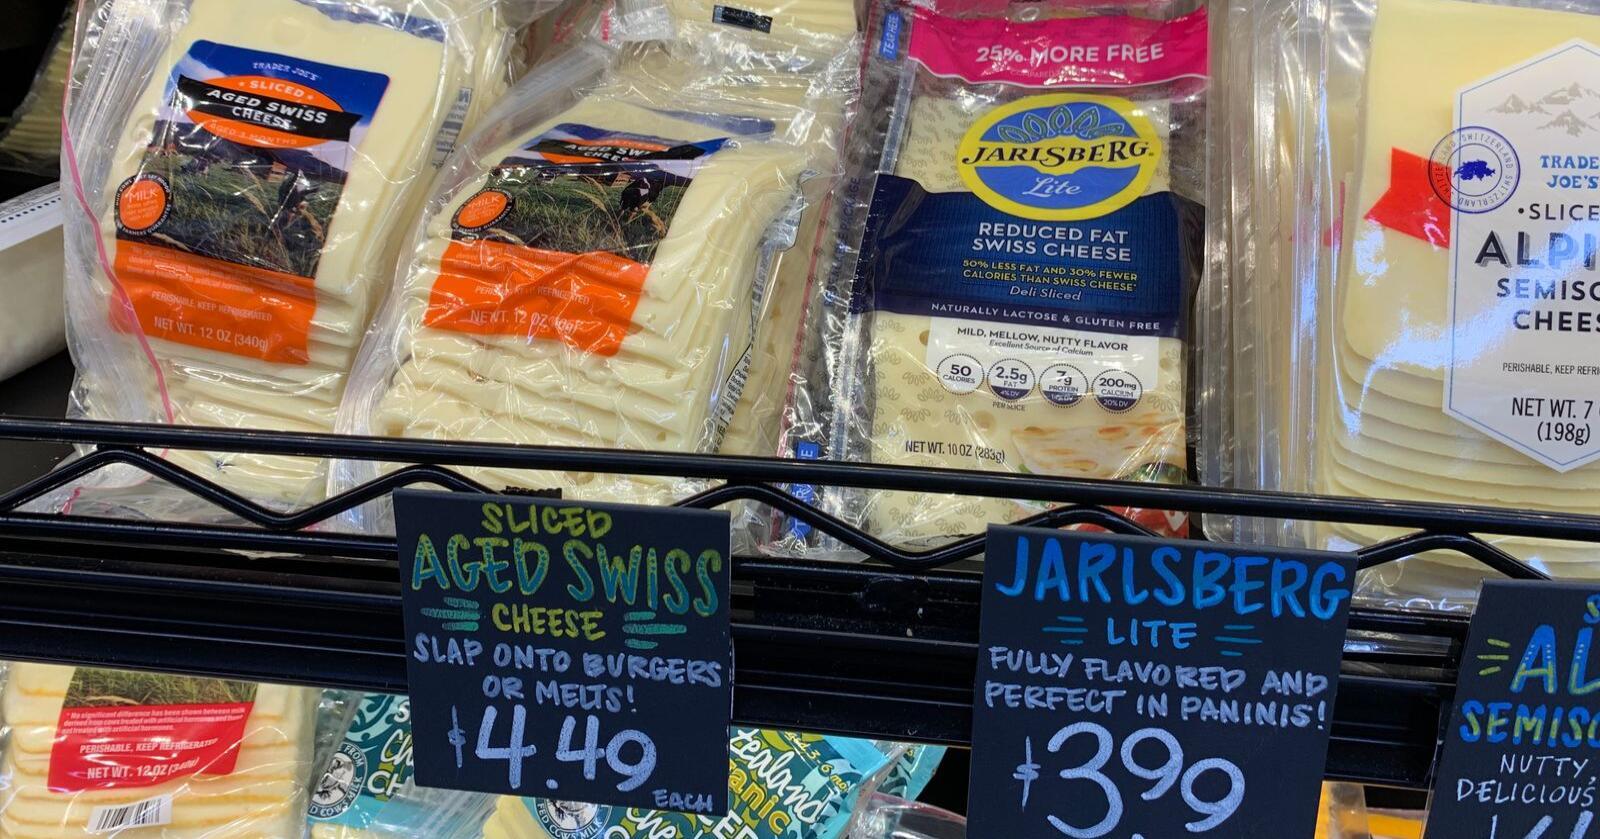 Jarlsberg ligger side om side med andre oster i denne dagligvarebutikken i New York. Styret i Tine har gitt konsernsjef Gunnar Hovland i Tine har fått i oppdrag å skape en ny internasjonal ostesuksess. (Foto: Linda Sunde)